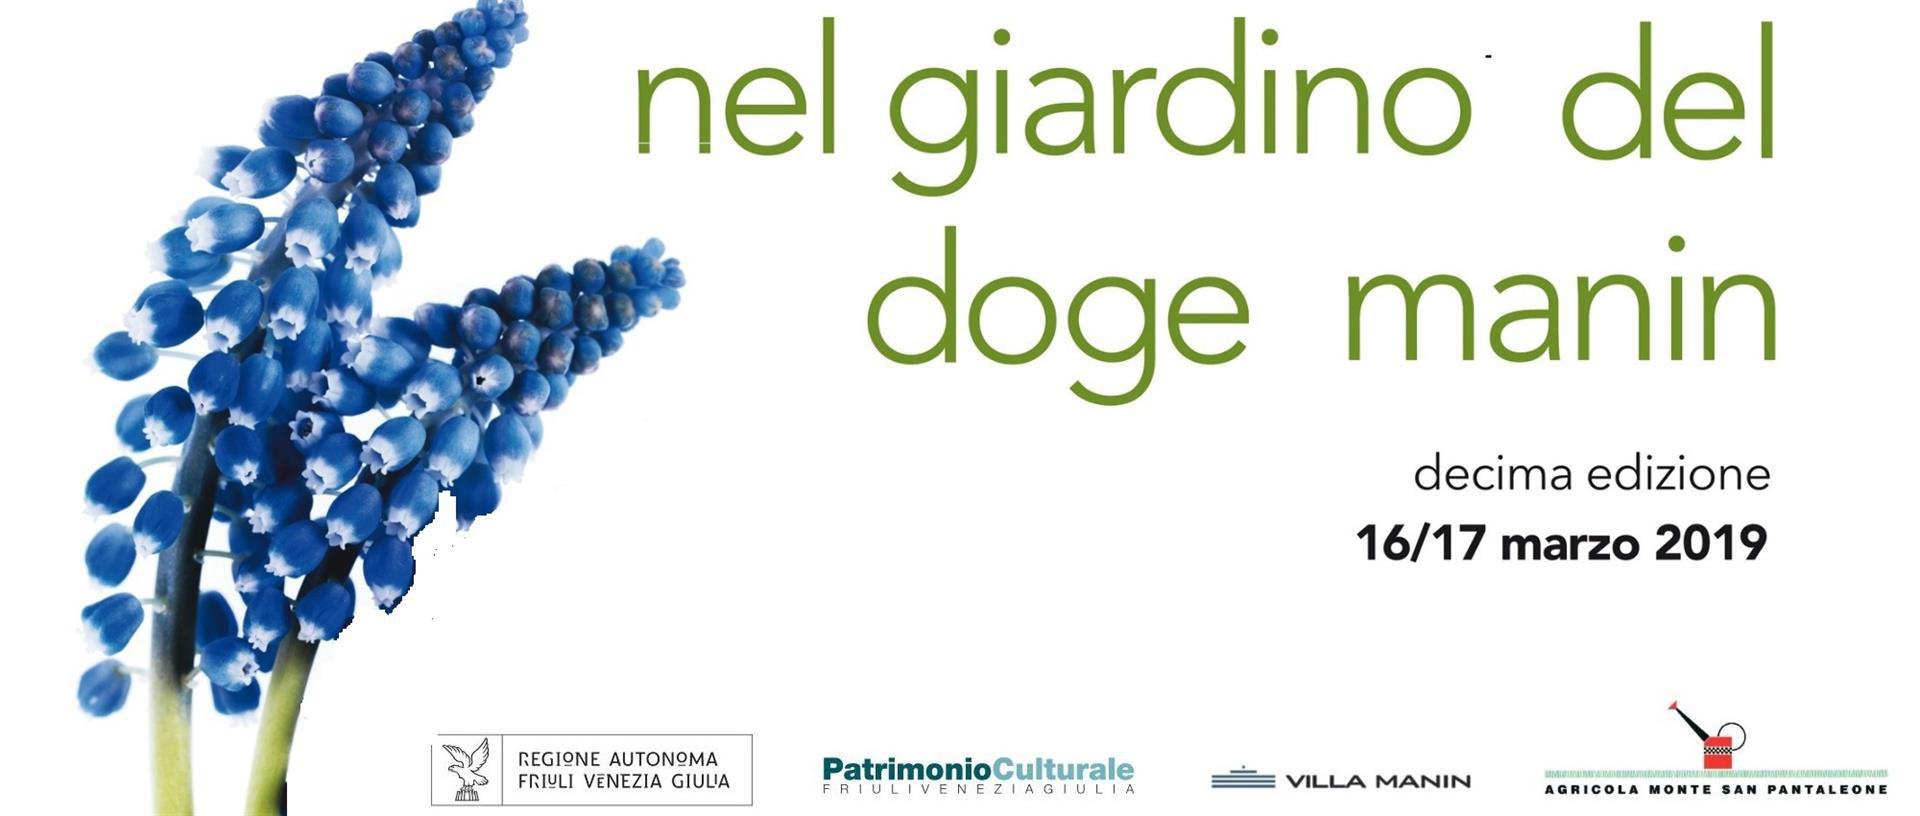 Friuli Venezia Giulia Arredamento.Nel Giardino Del Doge Manin Mostra Floreale Di Piante E